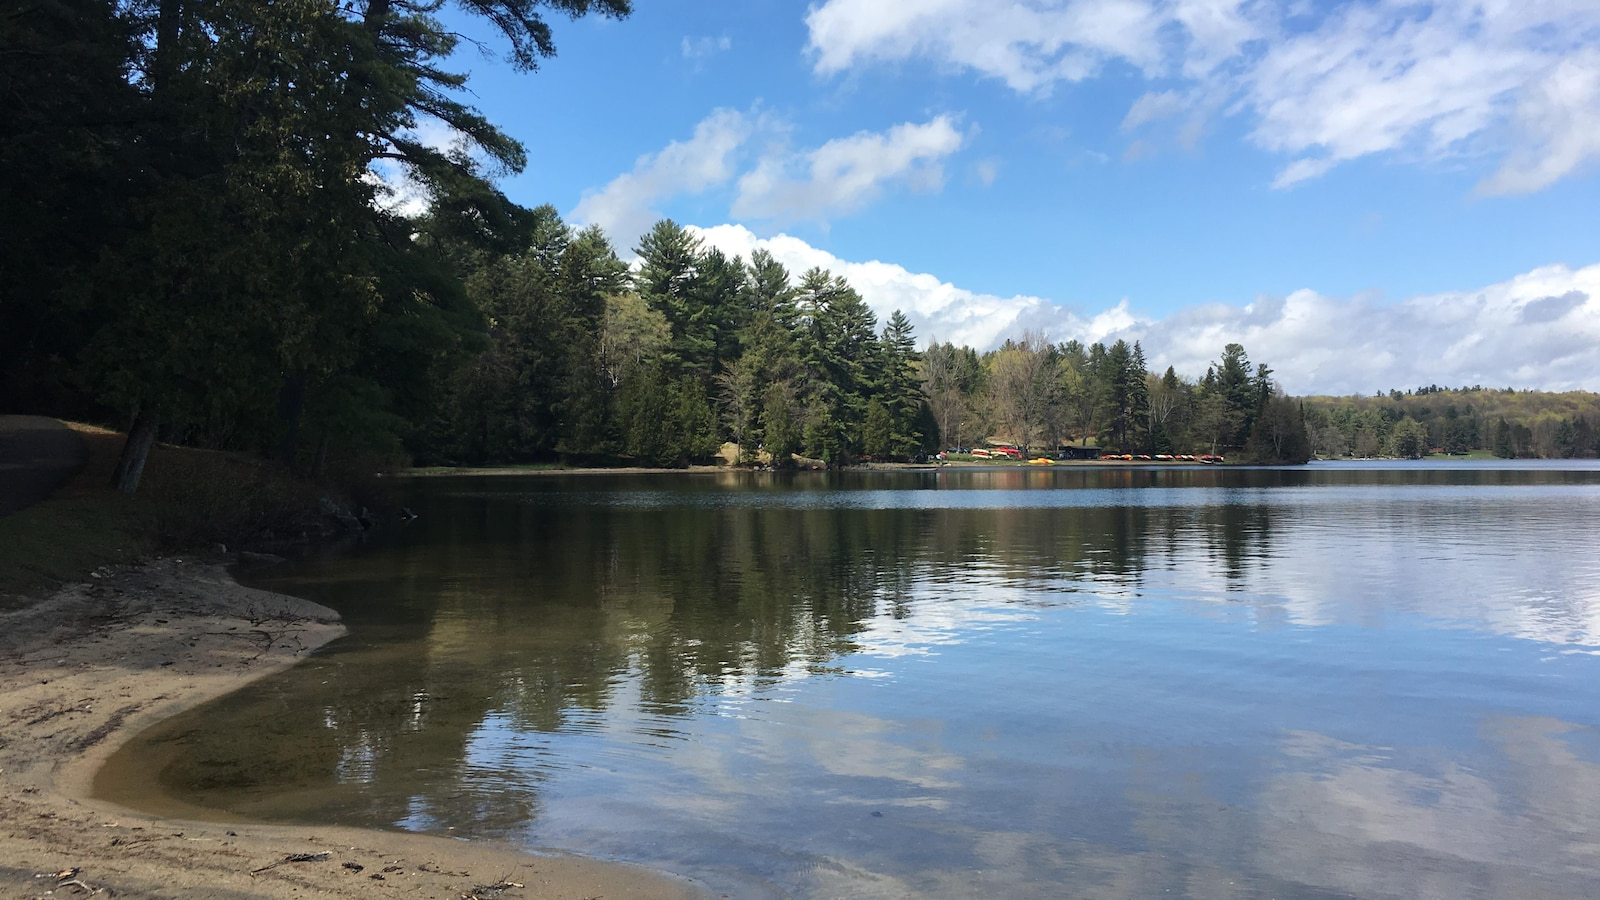 Une plage avec un lac et une forêt.